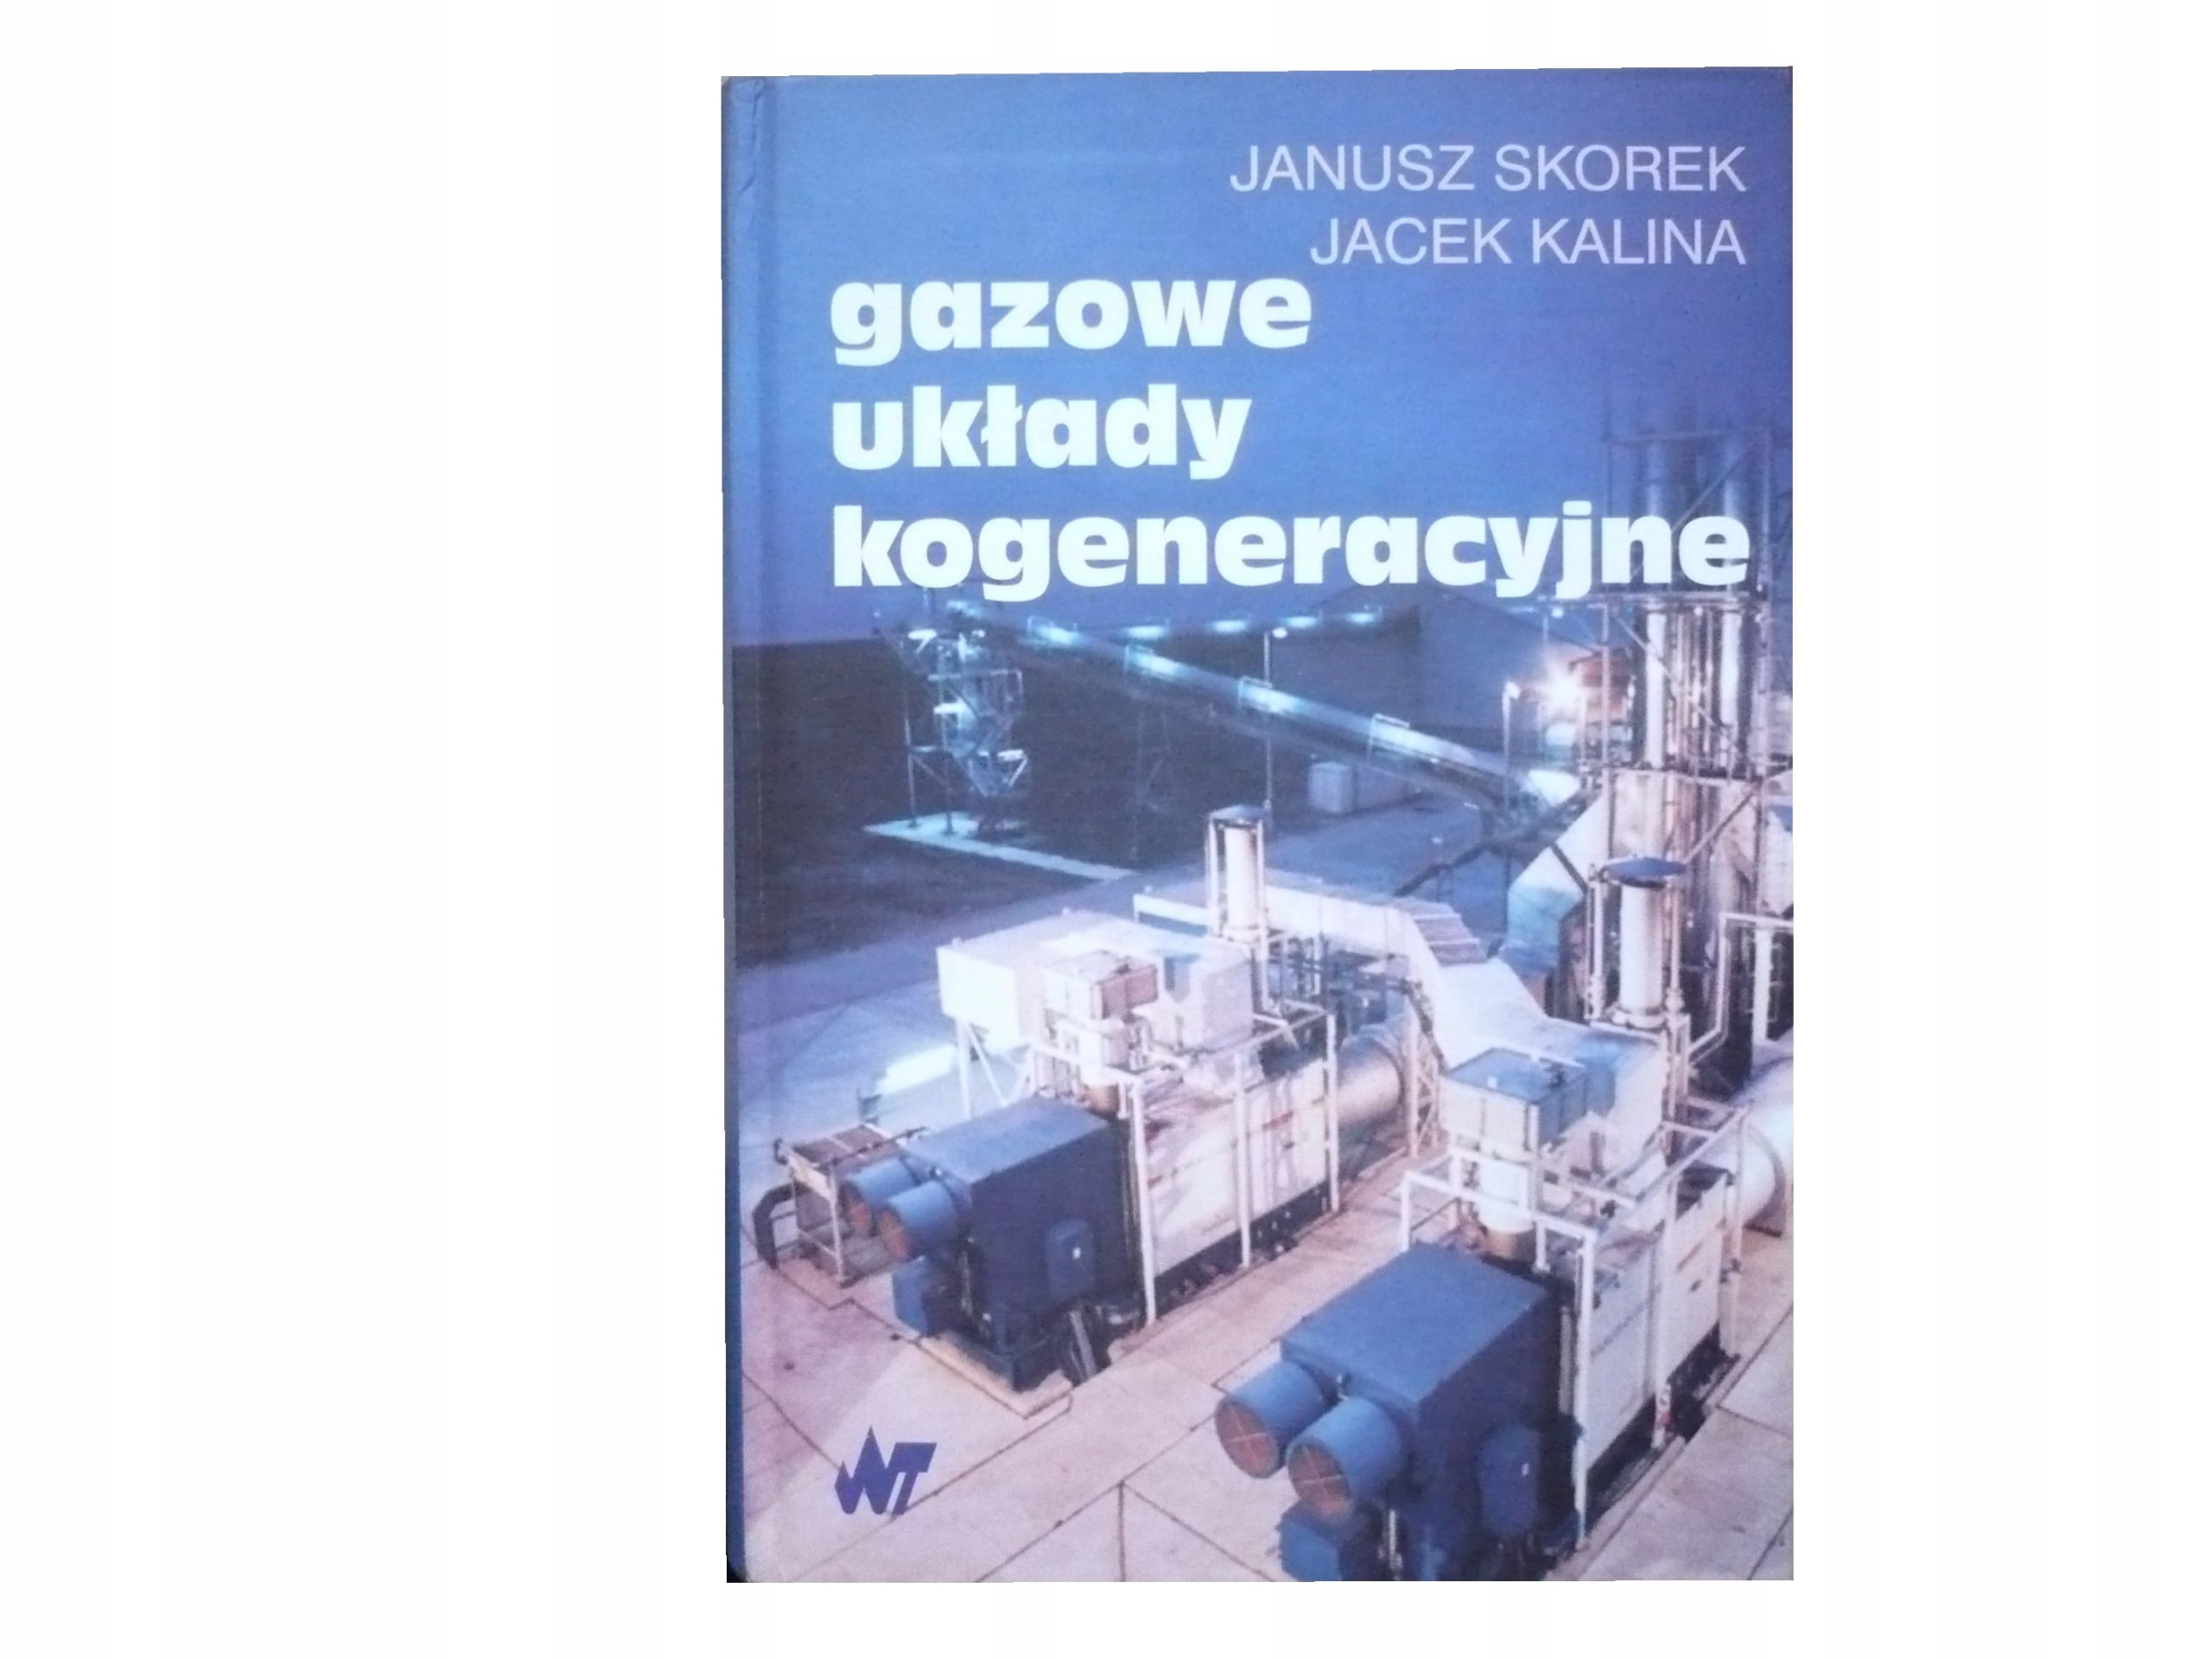 Gazowe Układy Kogeneracyjne Janusz Skorek 7458614336 Oficjalne